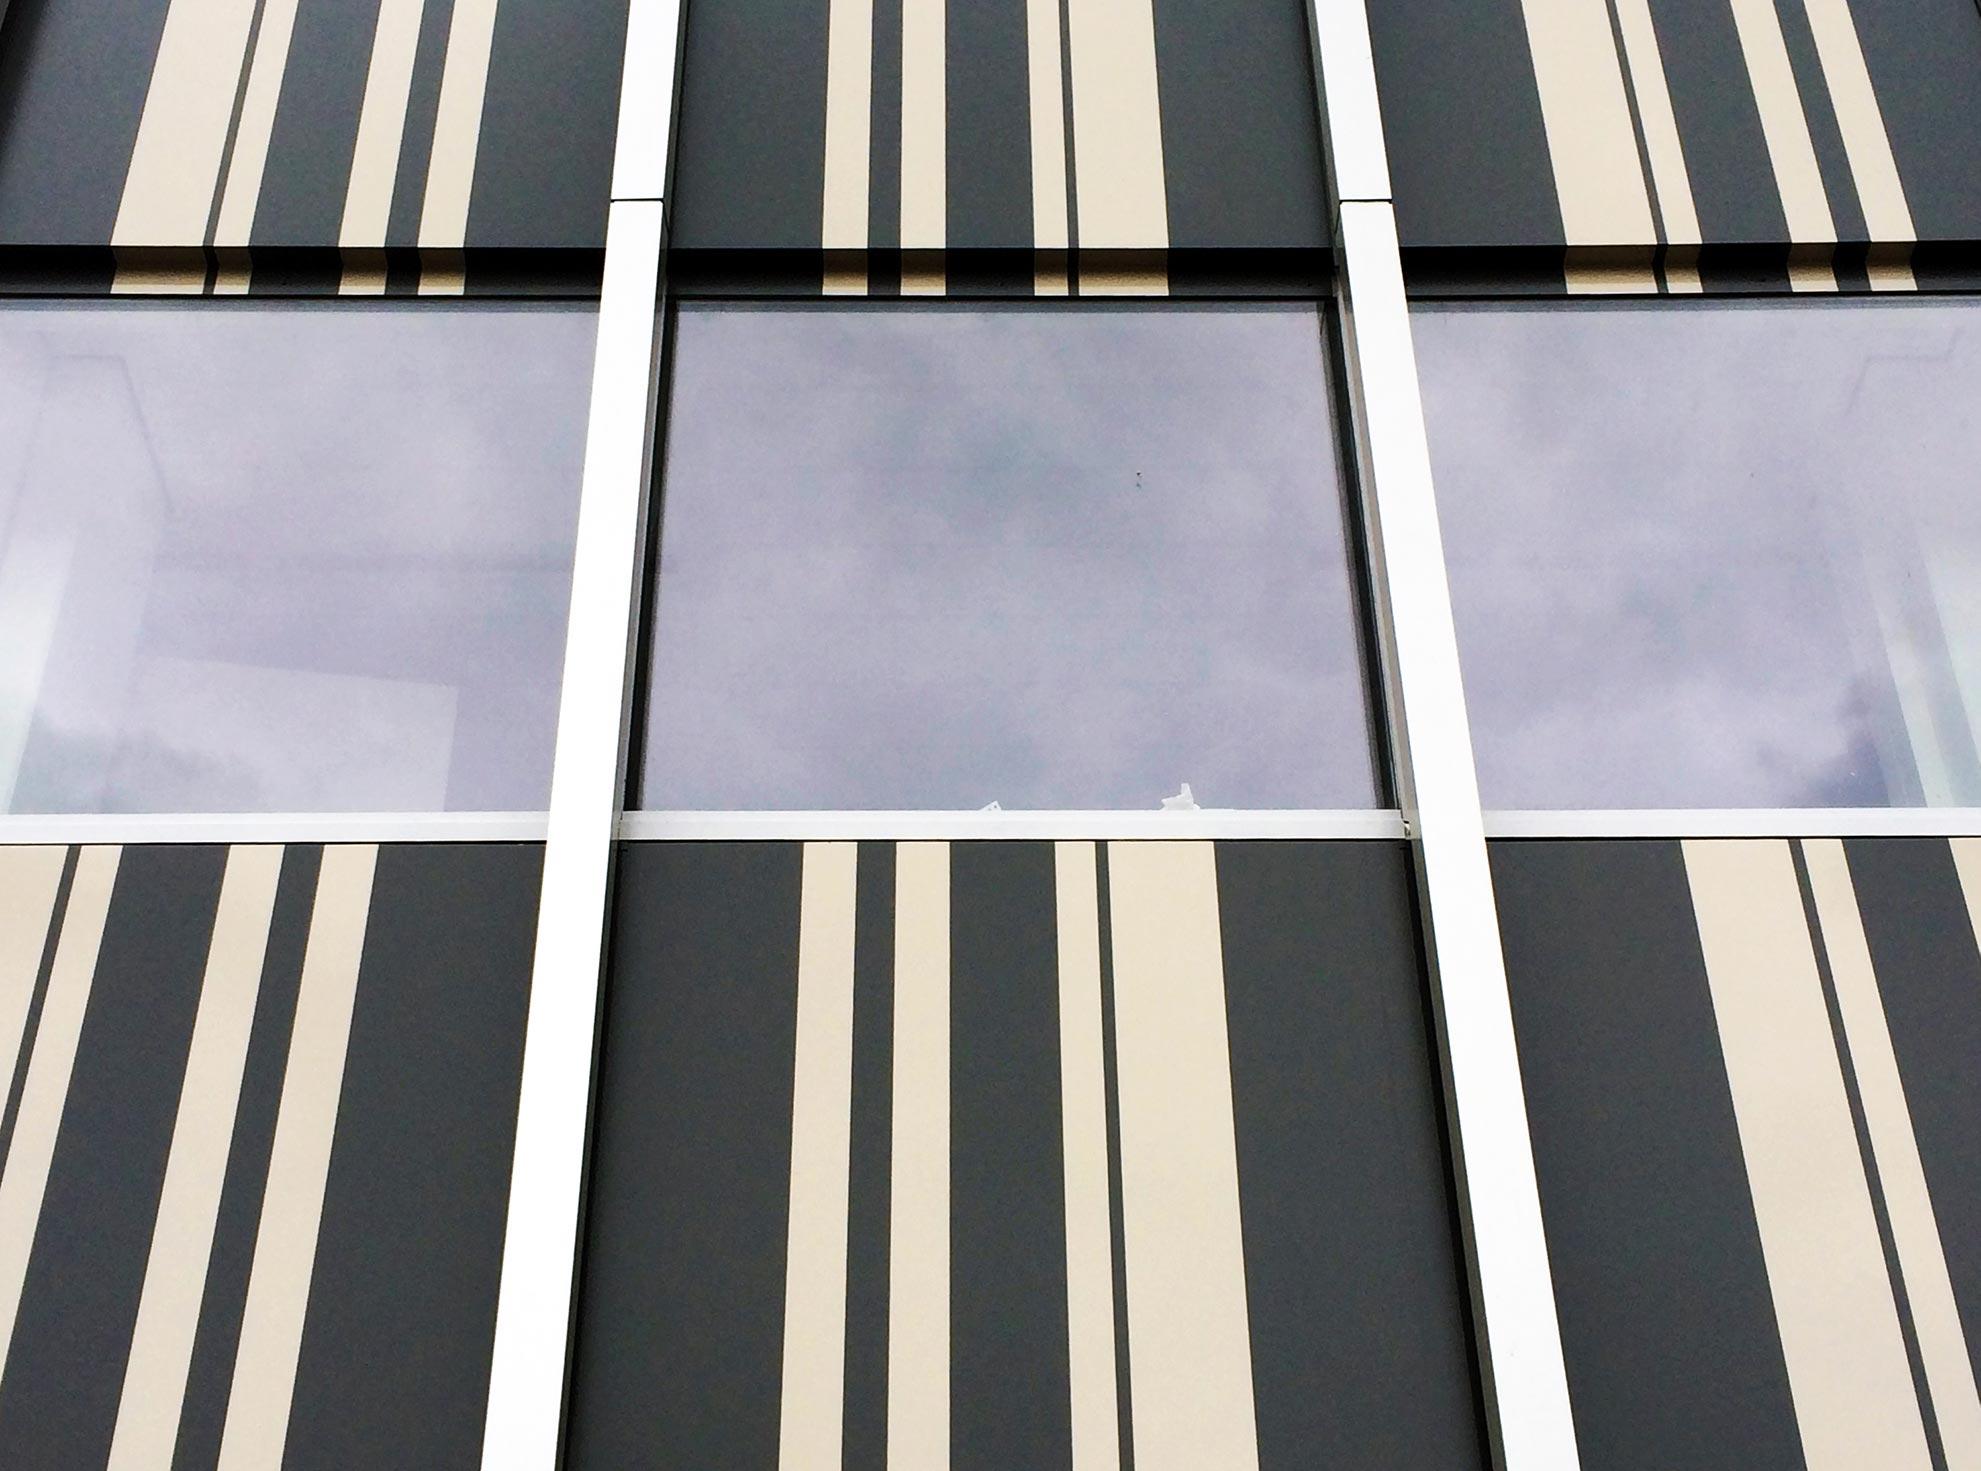 Ayuntamiento-de-Haarlem.-Holanda.-larson-PE-Bicolor-ZH-5_1591092909.jpg